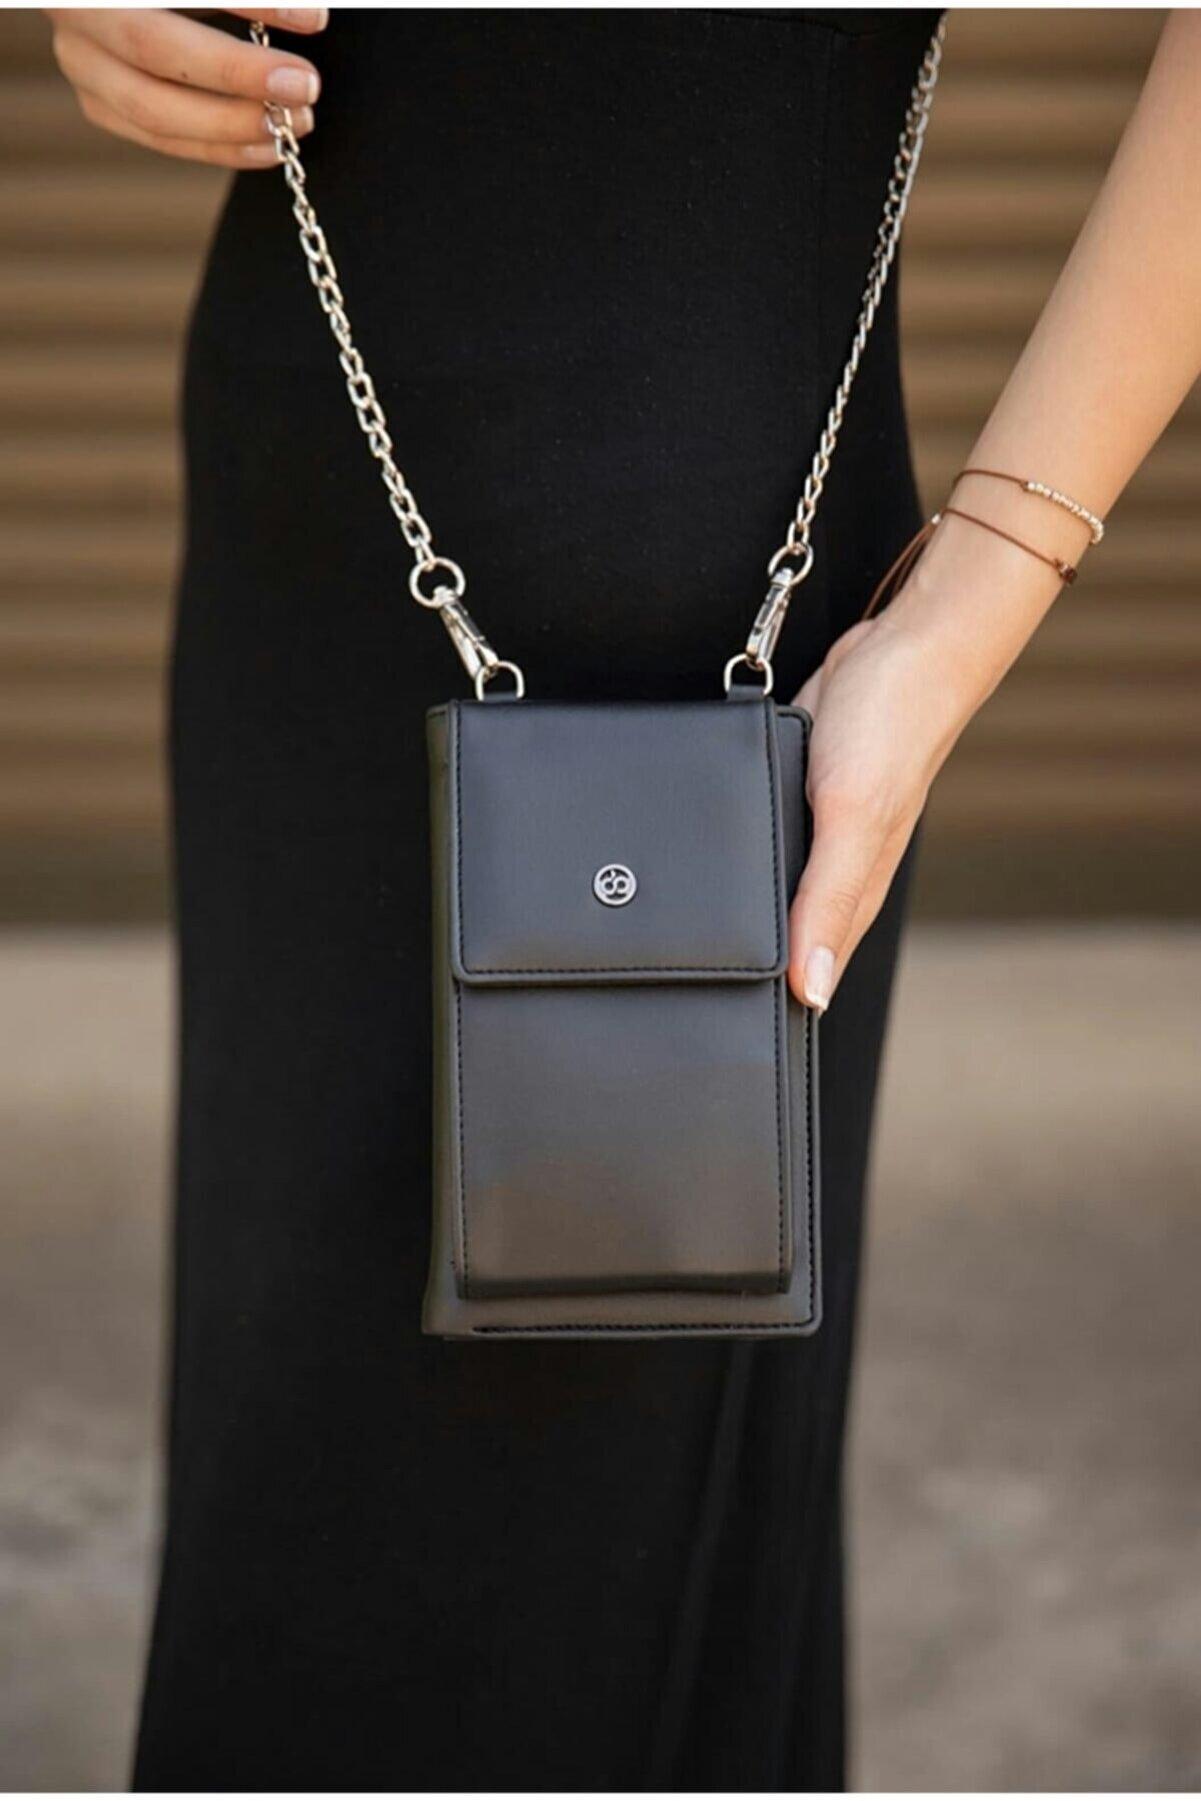 Accessory City Kadın Telefon Bölmeli Şık Siyah Omuz Çantası